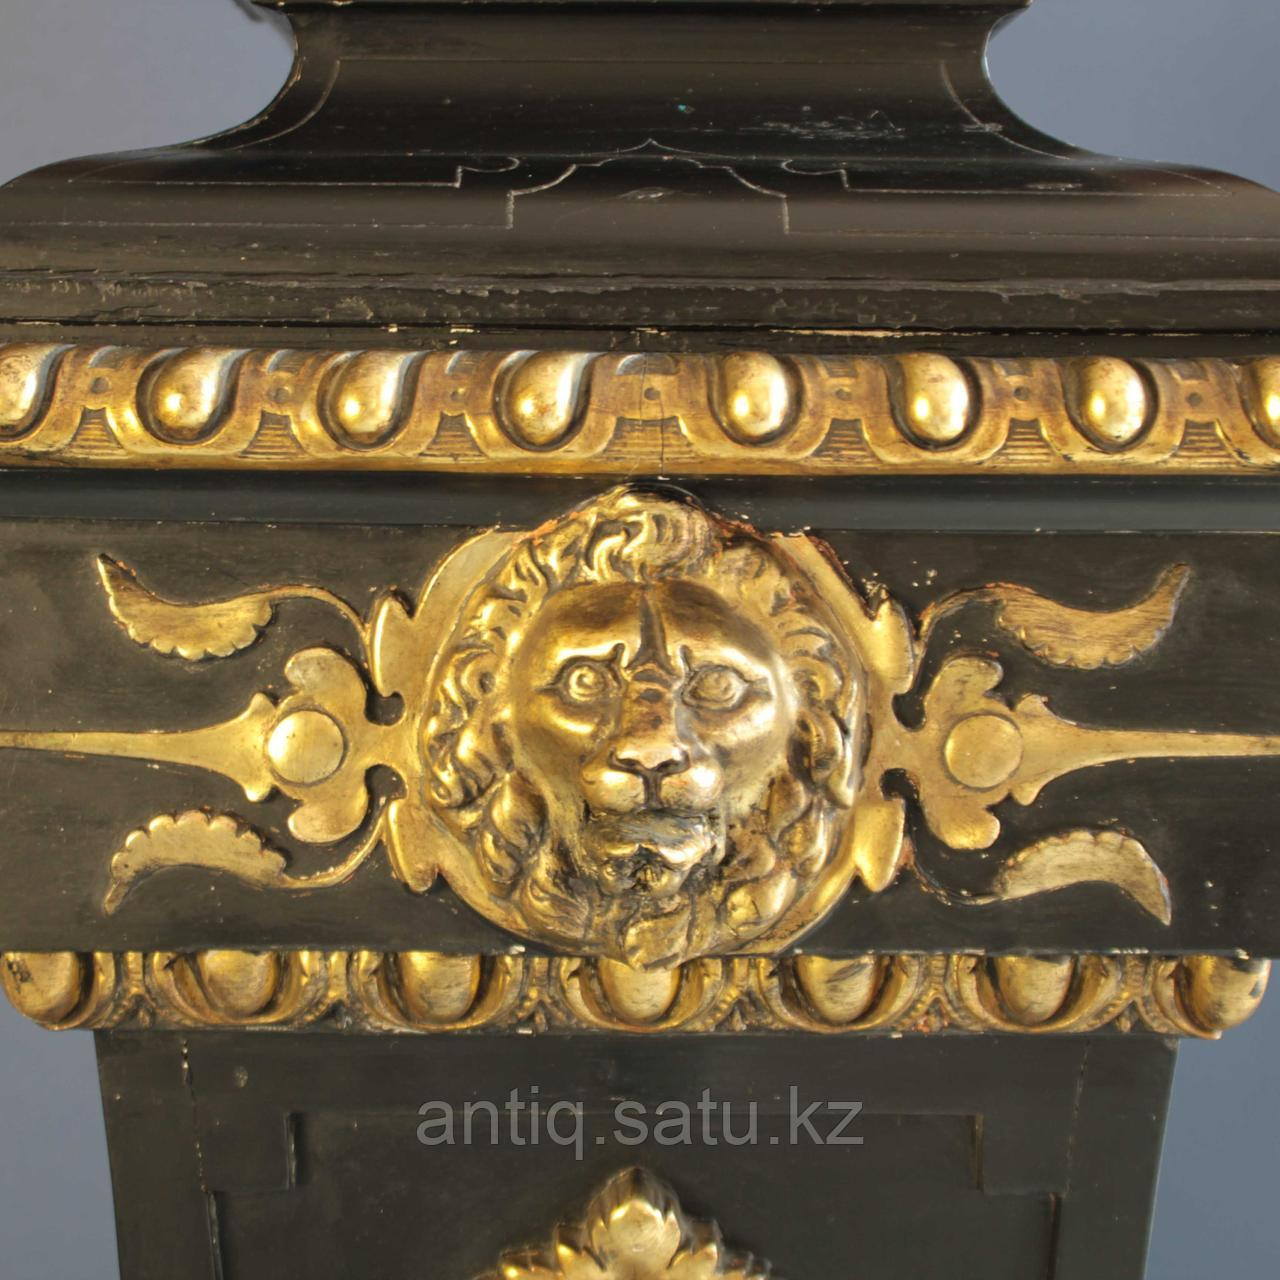 Дворцовая колонна со львами. Италия. - фото 7